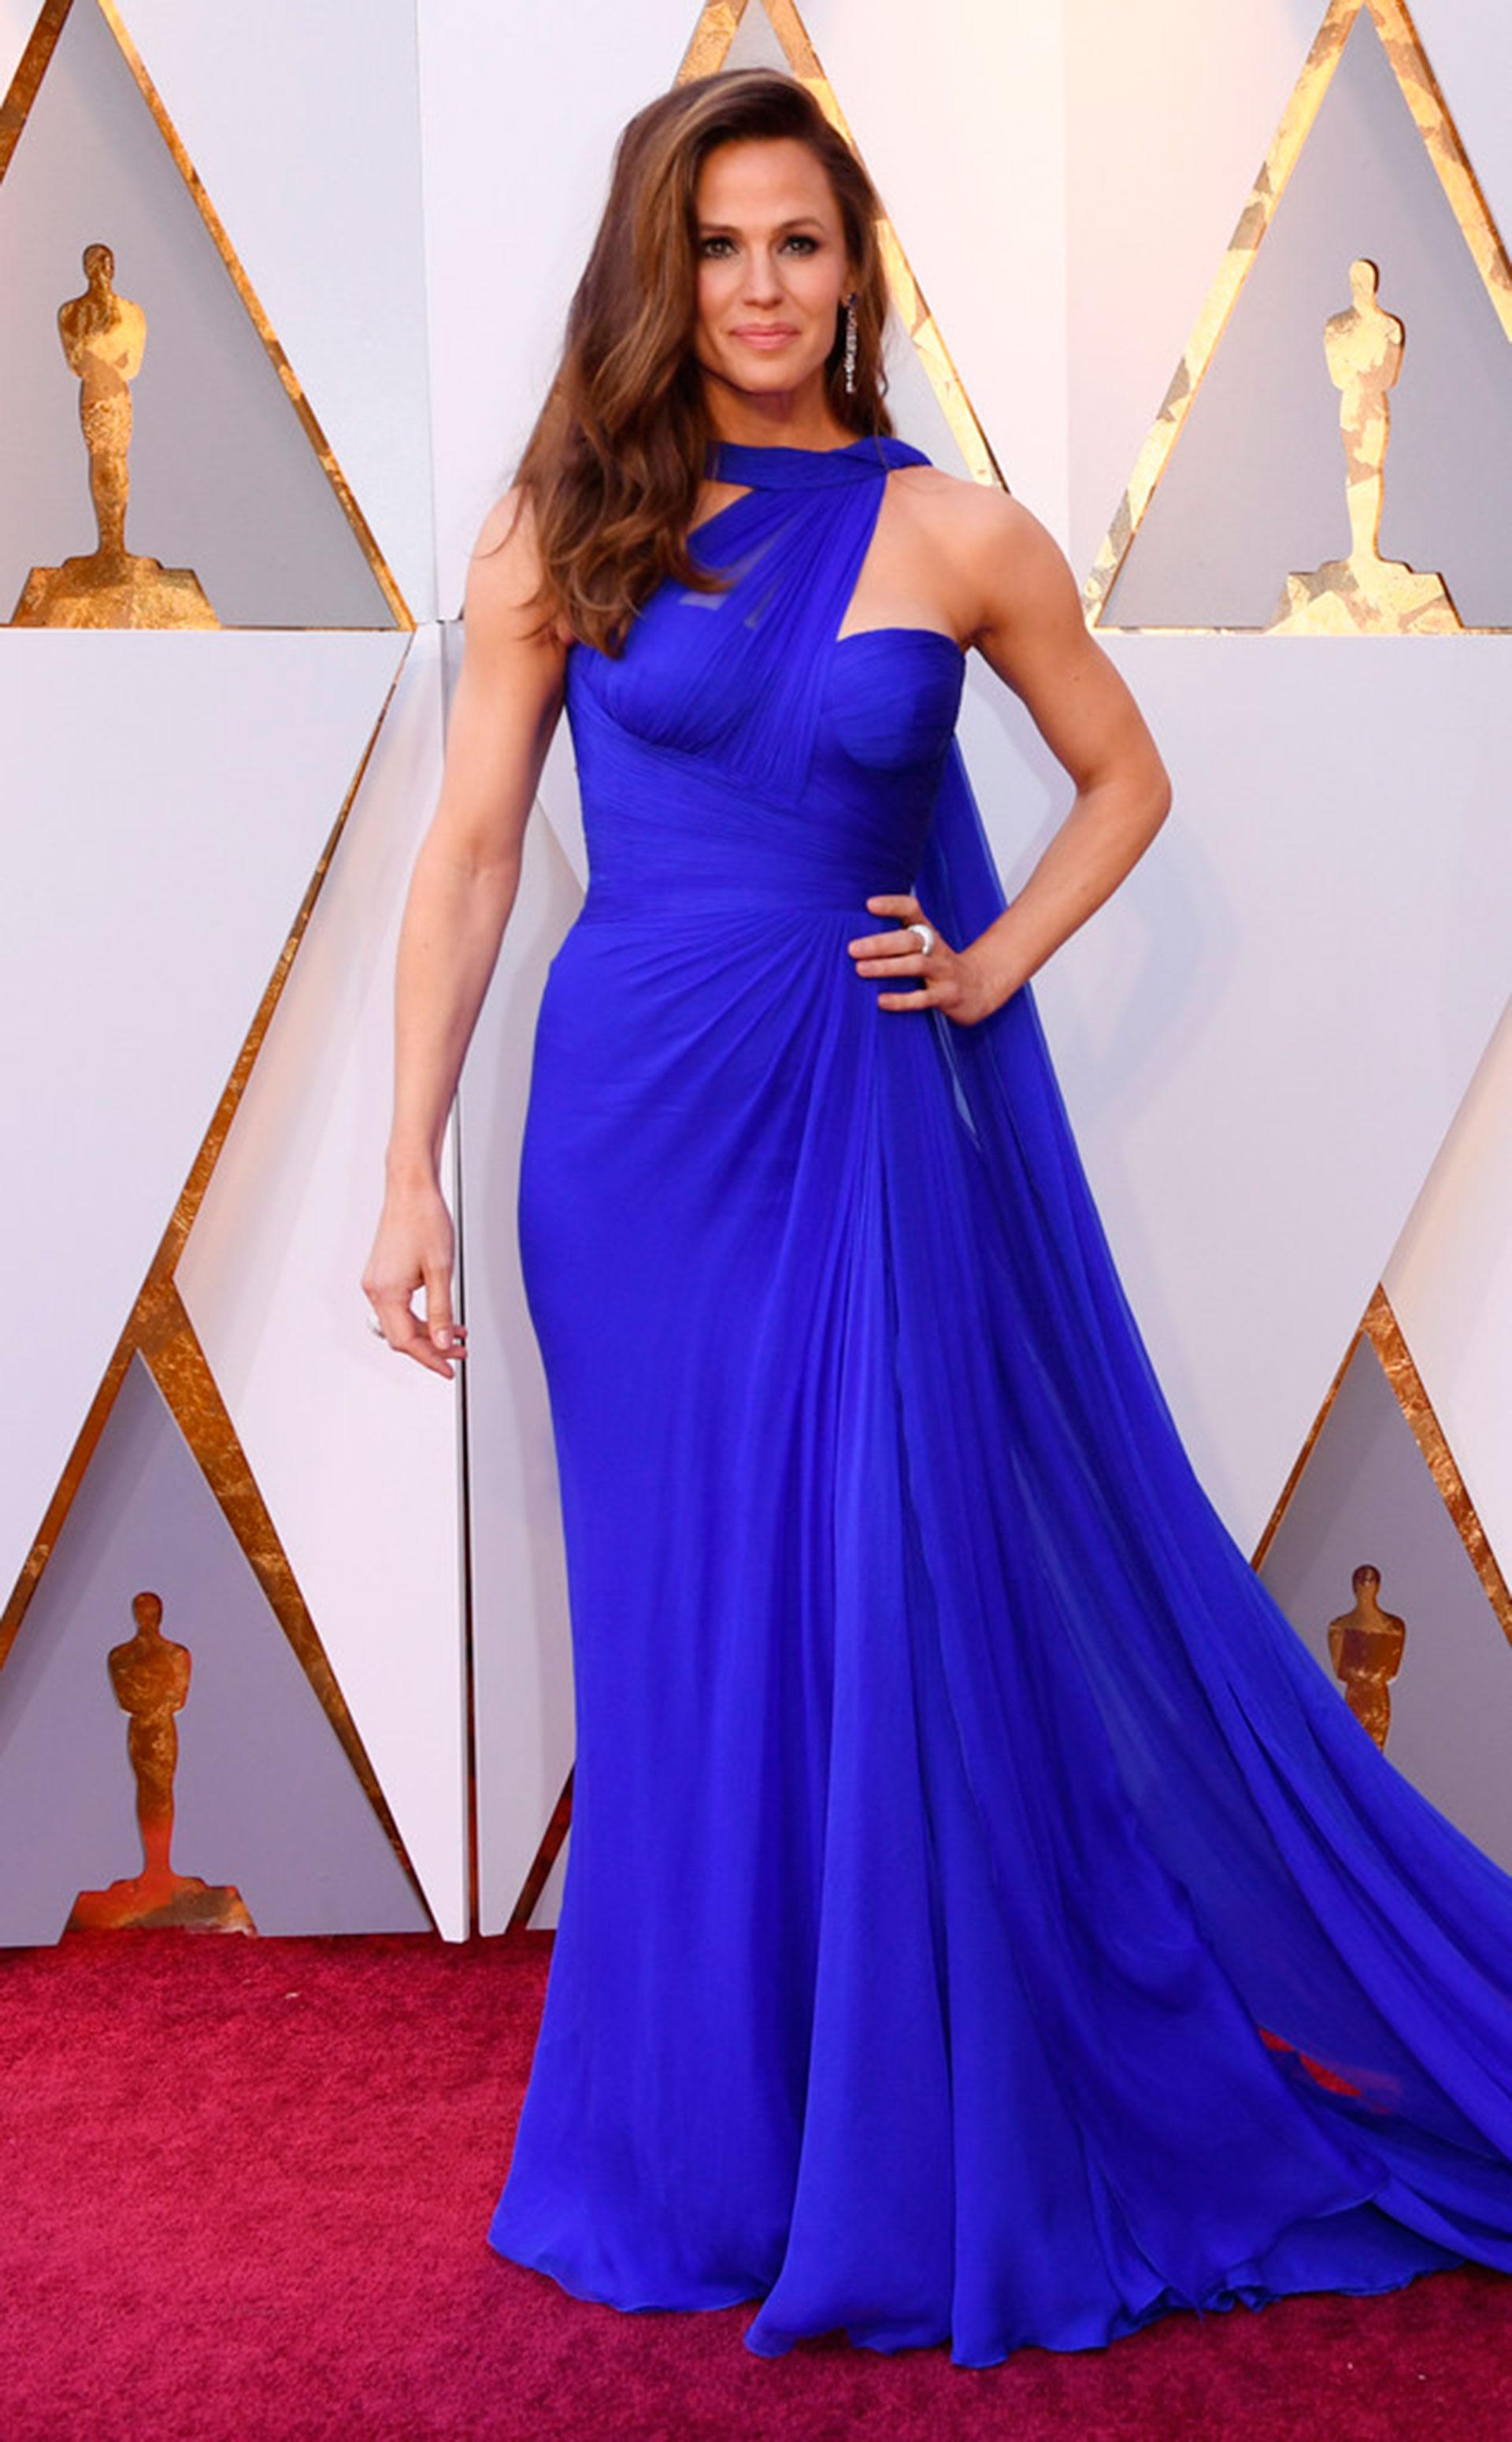 Jennifer Garner en azul, uno de los tonos destacados de la noche (Foto gentileza E!)